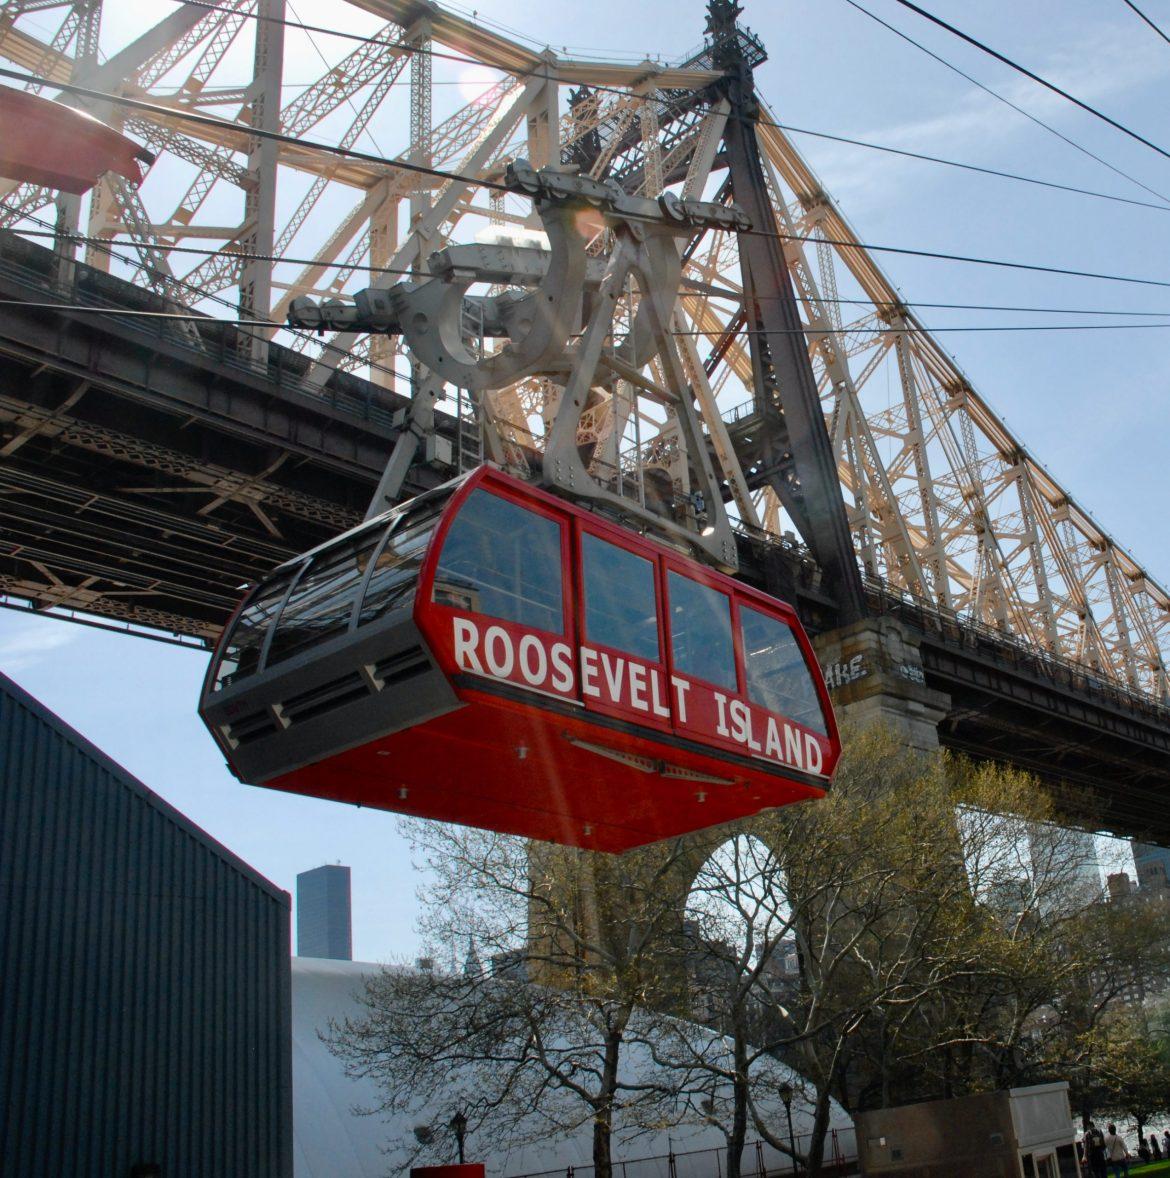 Roosevelt Island transportation? Mostly settled for now